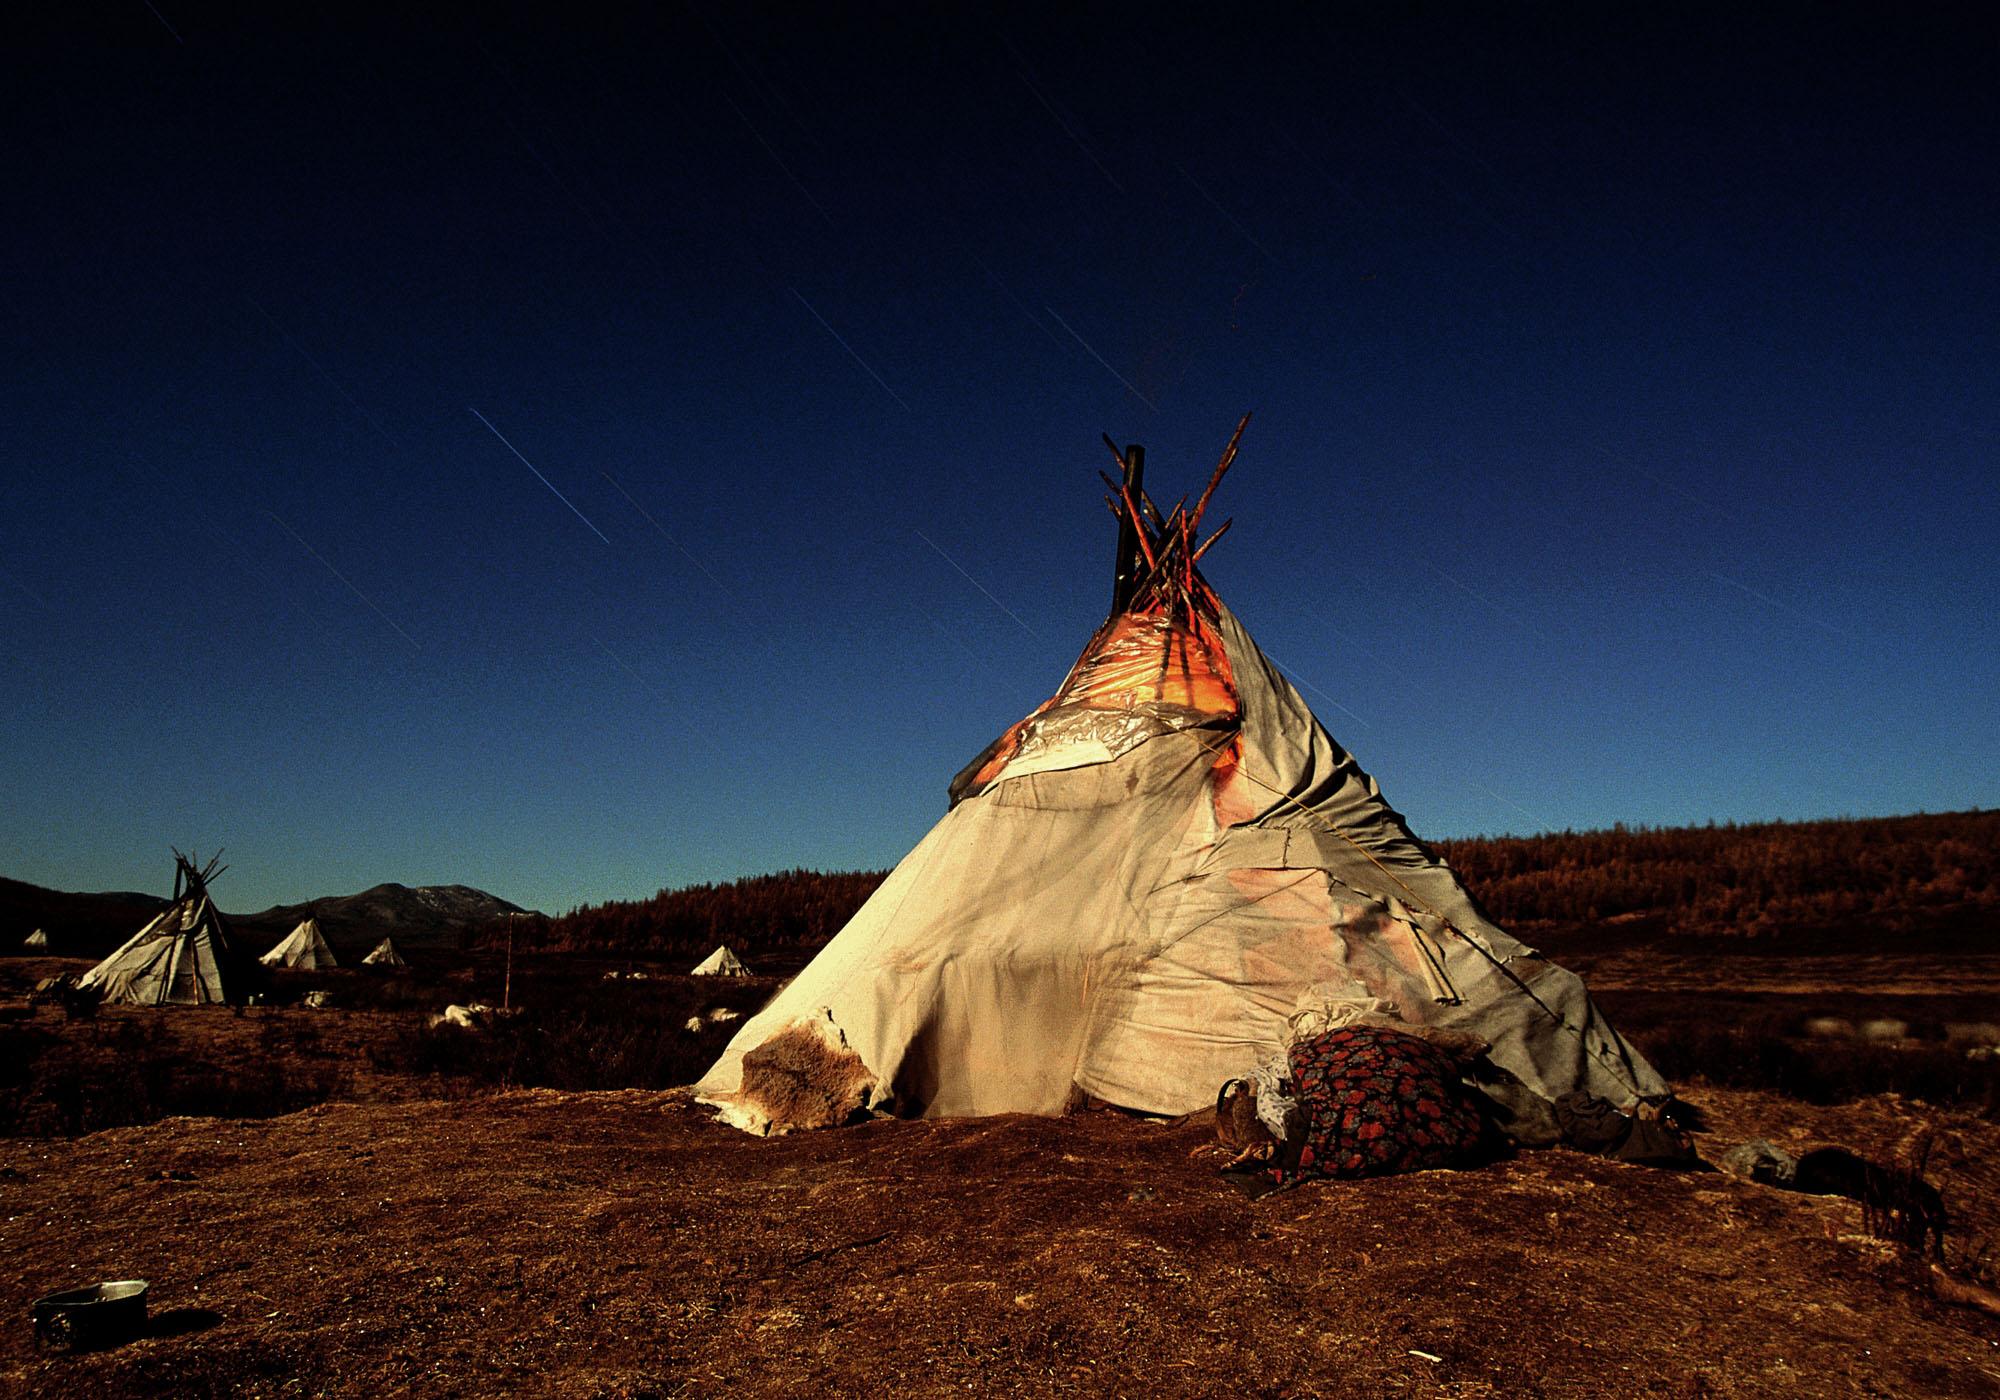 Tippi de noche. Norte de Mongolia